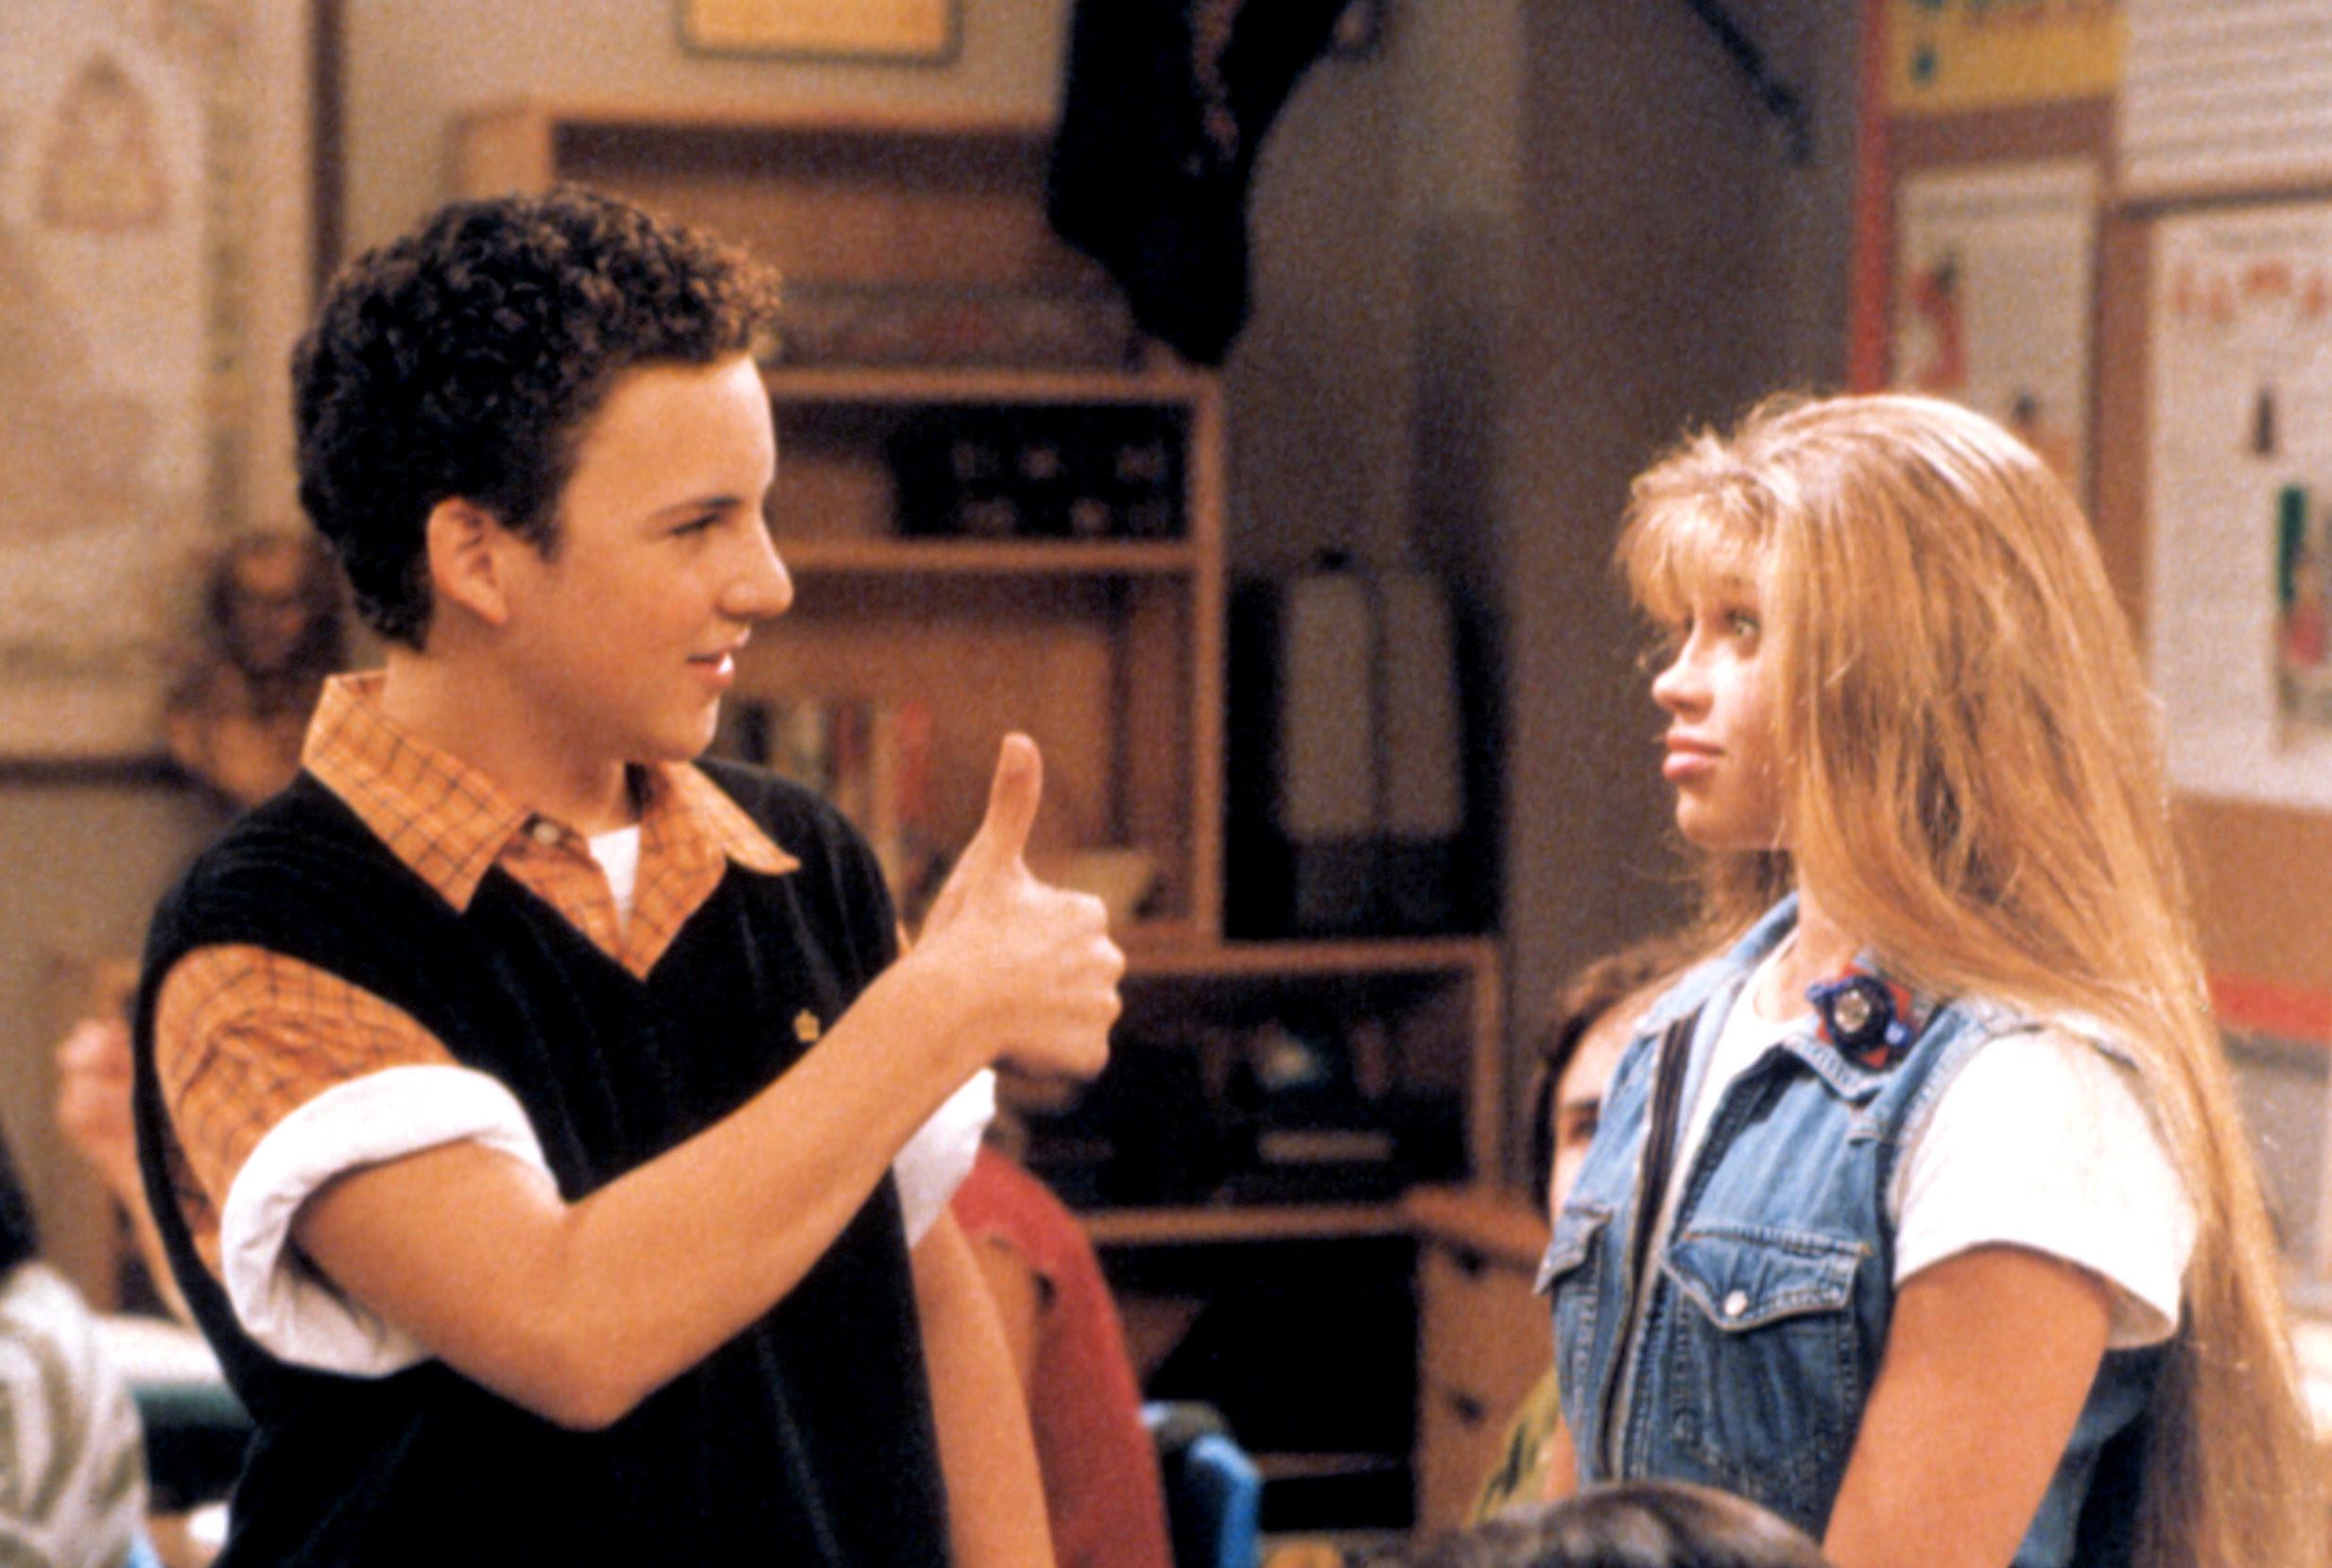 Cory giving Topanga a thumbs up